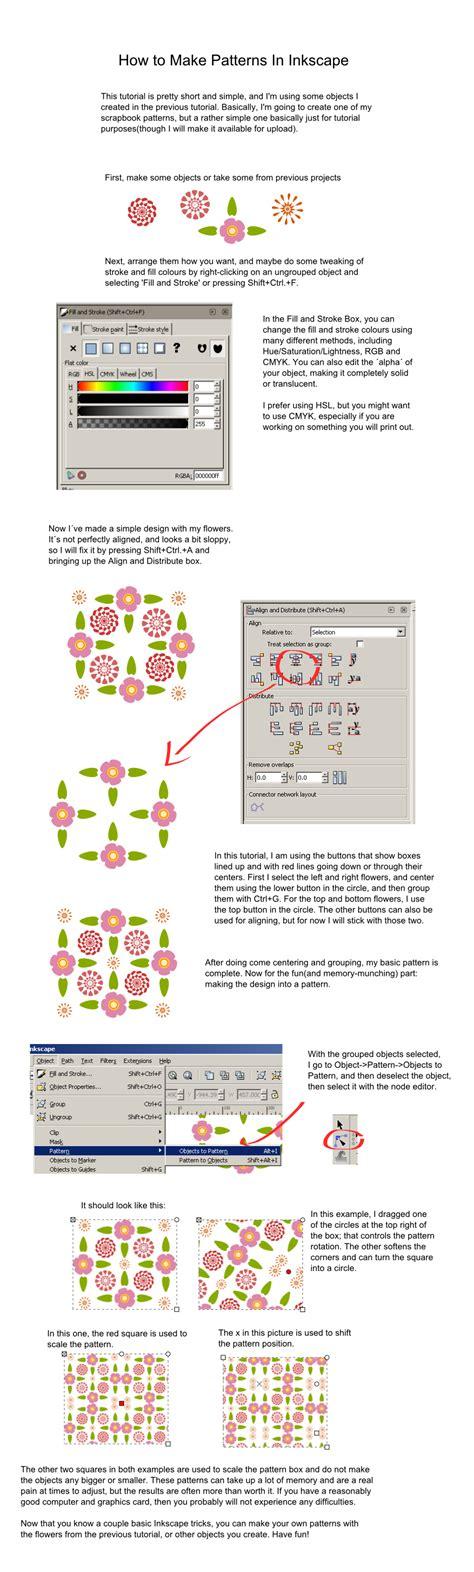 Tutorial Inkscape Vetorização | inkscape pattern tutorial by sanjouin dacapo on deviantart